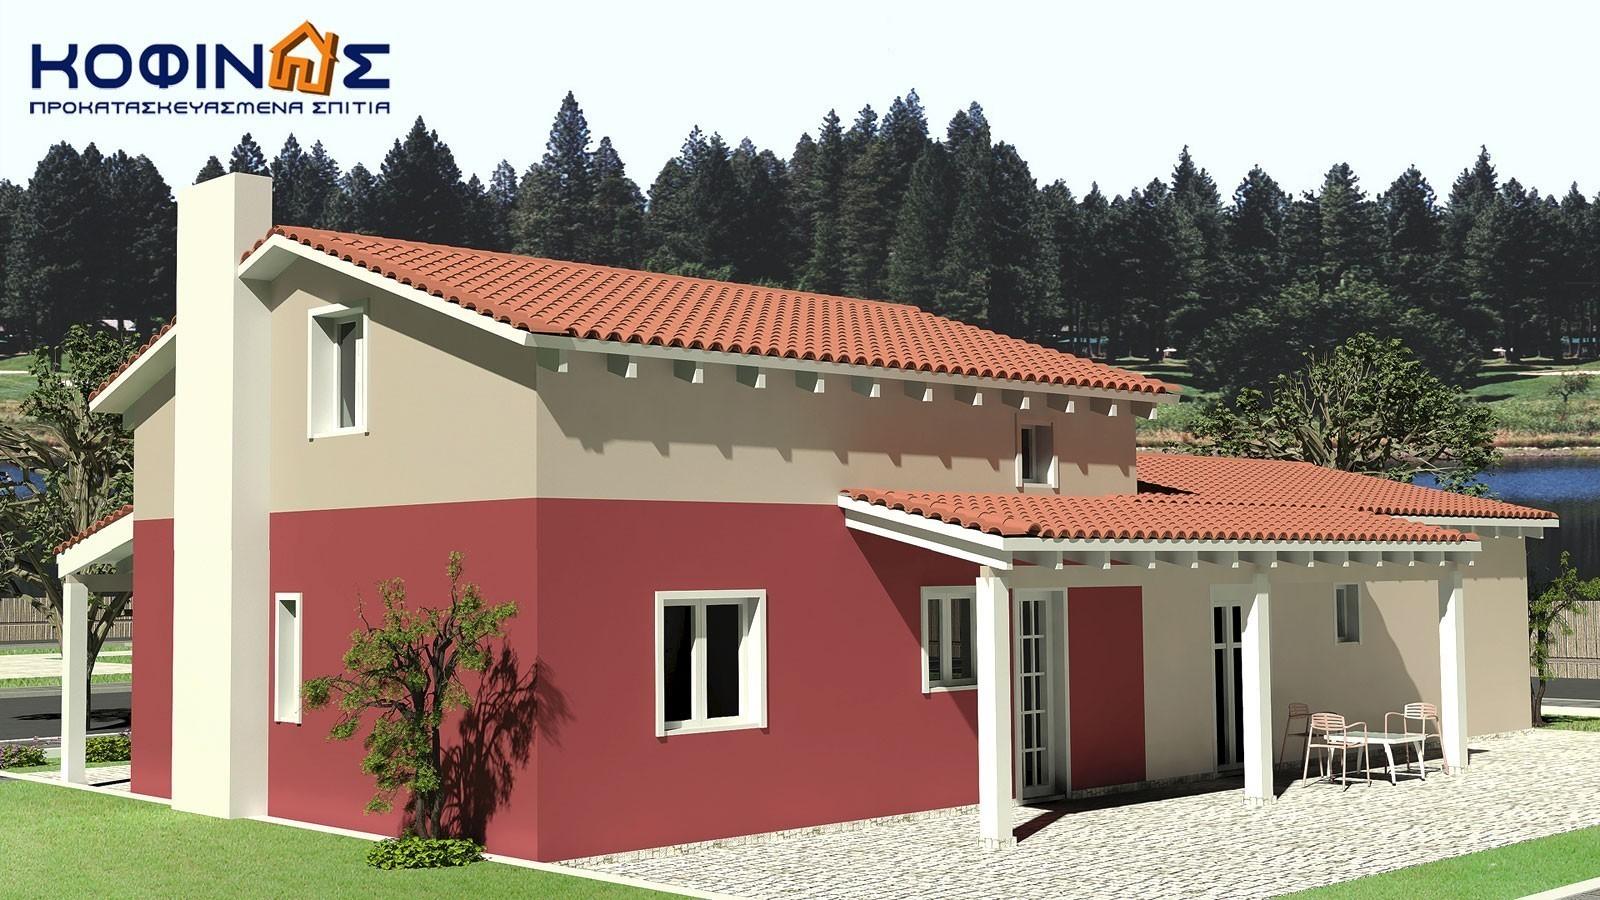 Ισόγεια Κατοικία με Σοφίτα IS-146, συνολικής επιφάνειας 146,60 τ.μ.